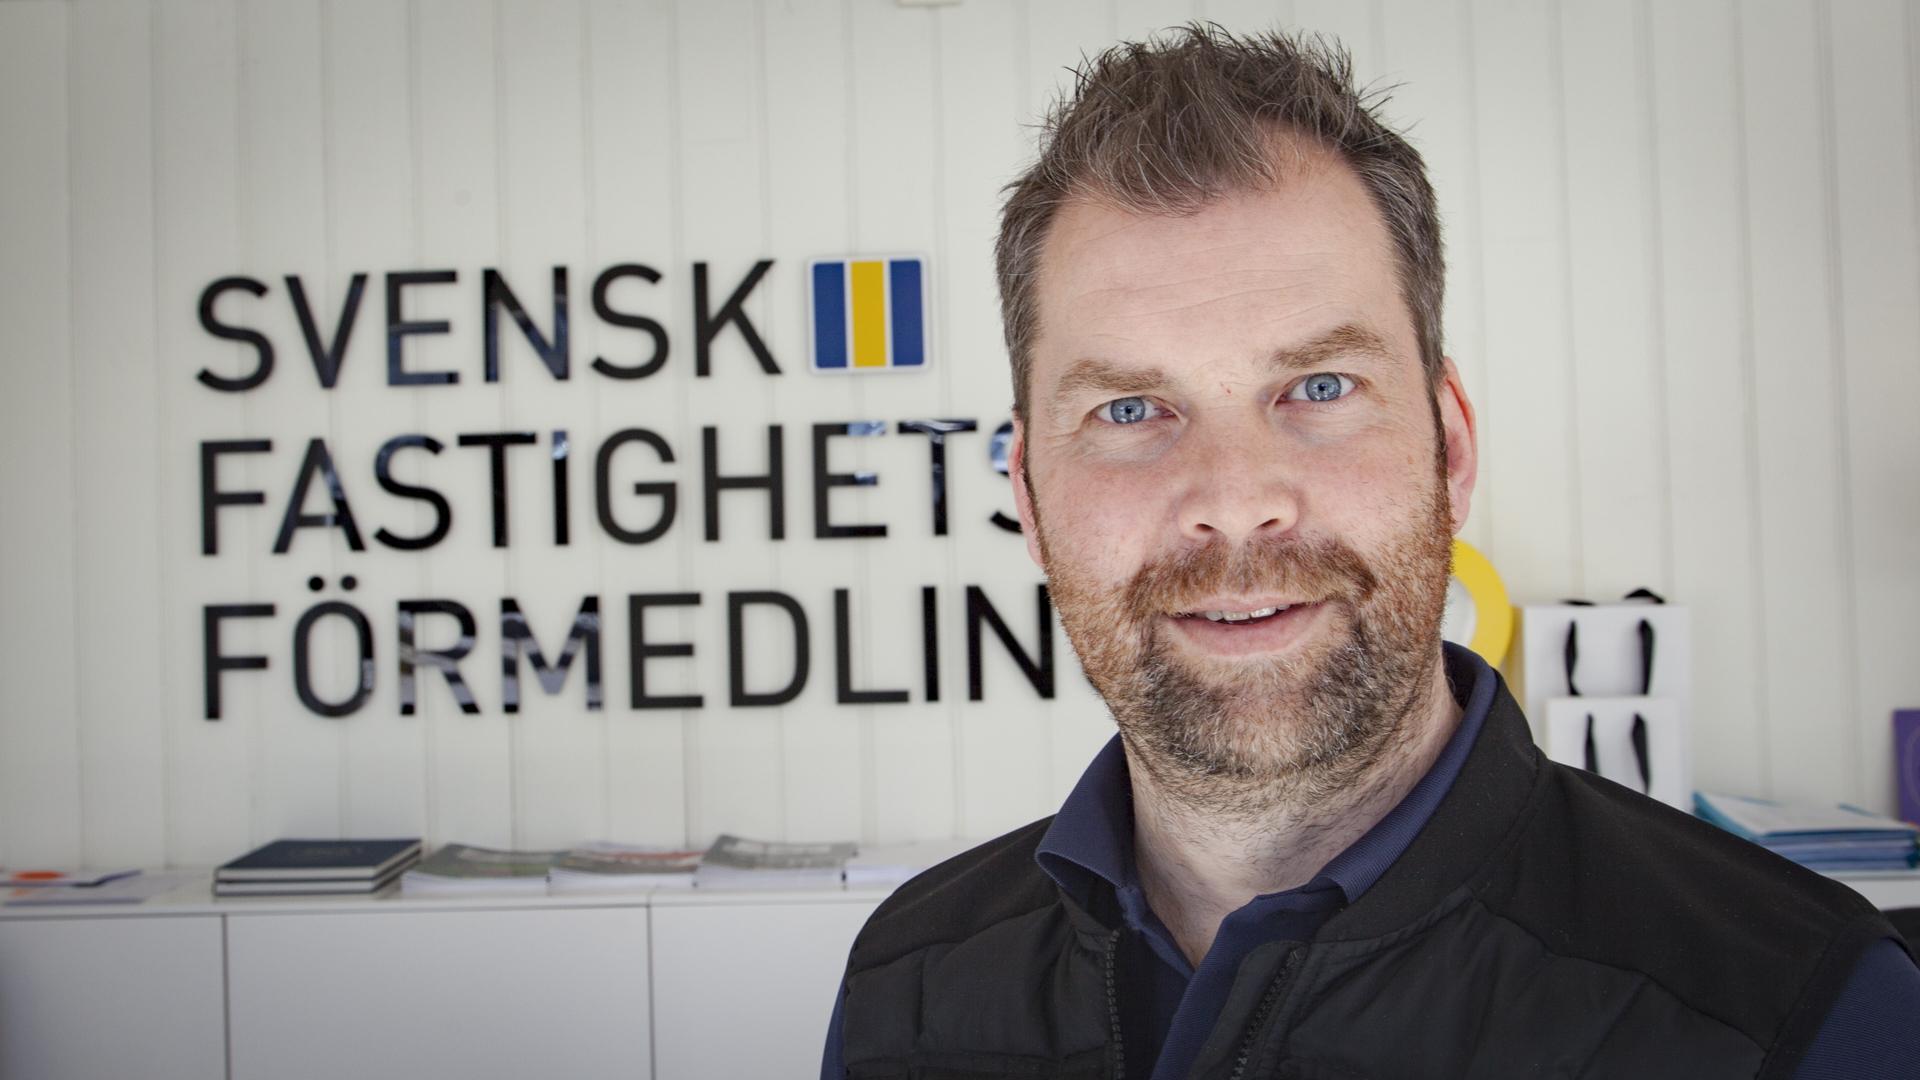 Svensk fastighetsförmedling, vana välgörare på hål 7